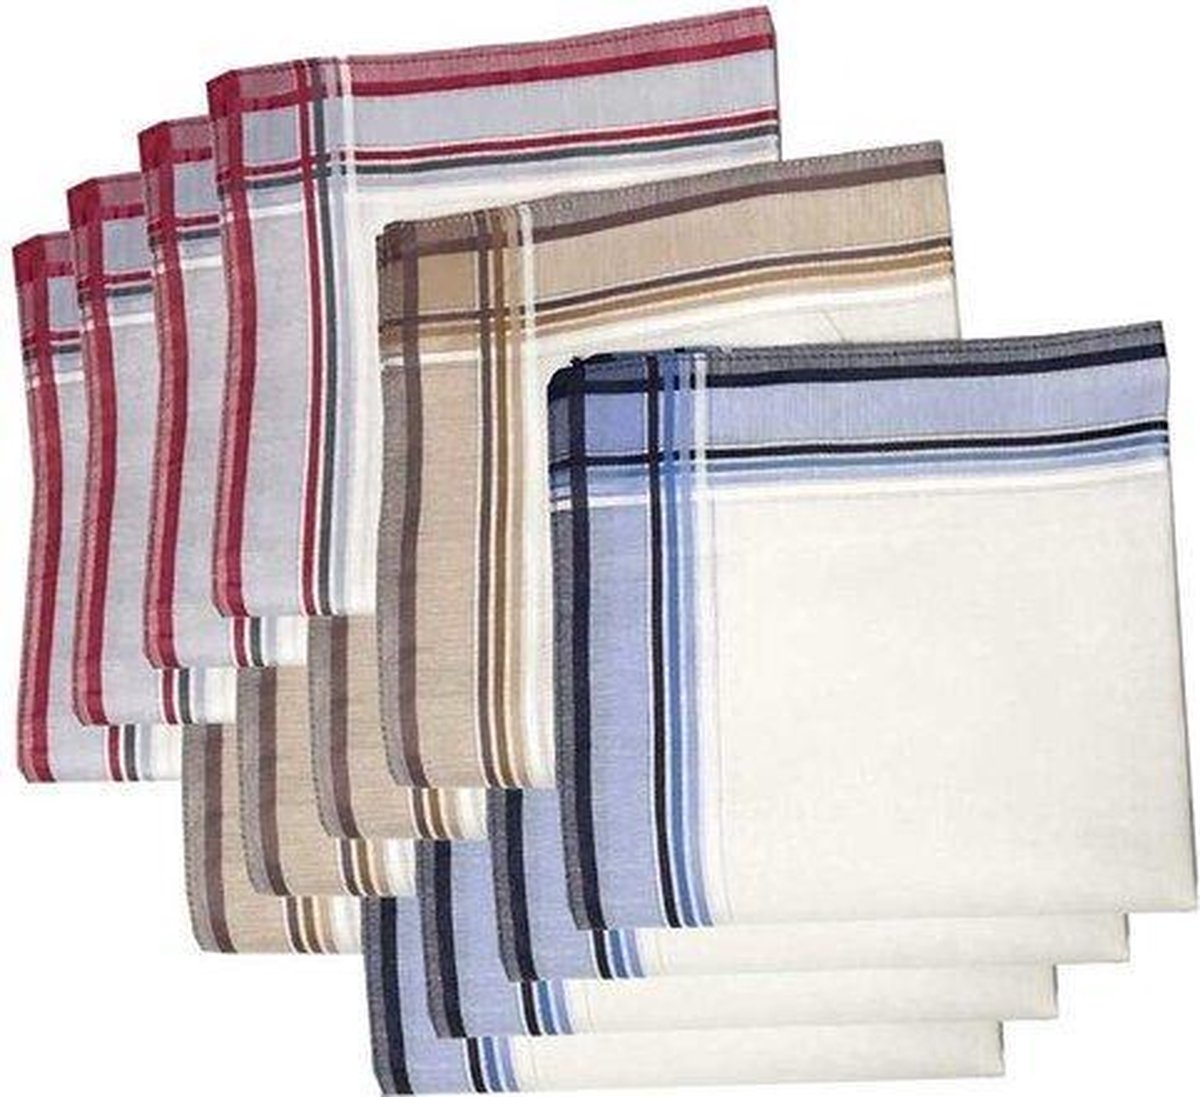 Sorprese - Zakdoeken - Heren - 12 zakdoeken - heren zakdoeken - 10